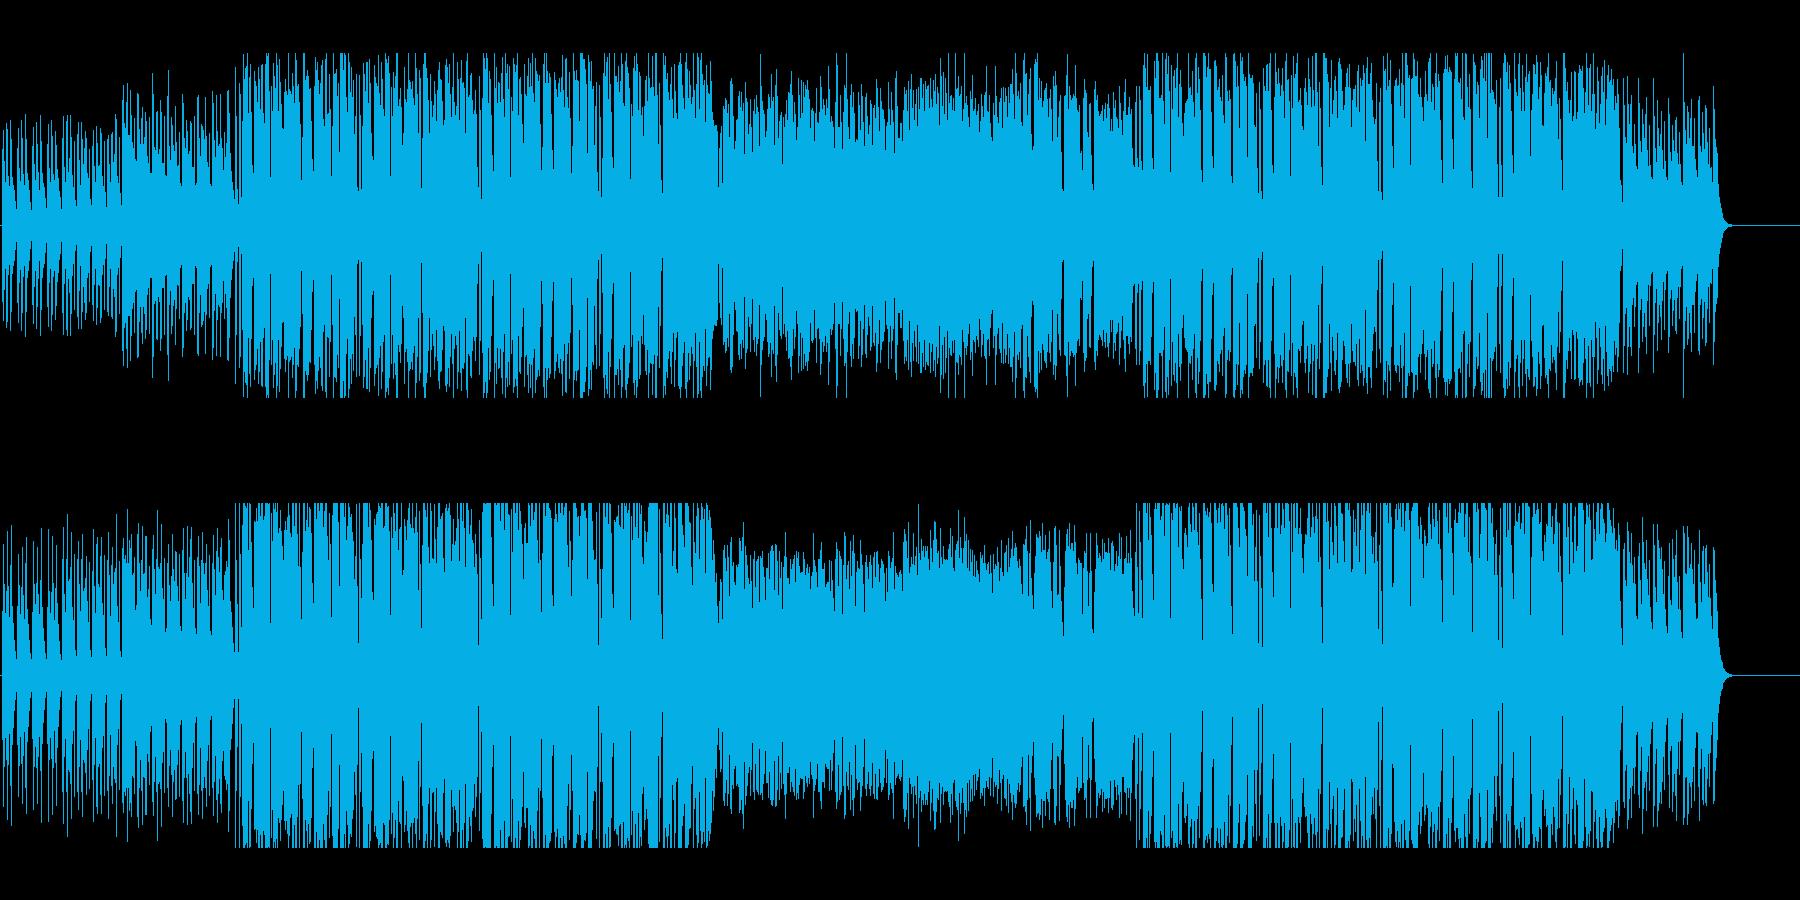 クリスマス メルヘン かわいい 楽しいの再生済みの波形